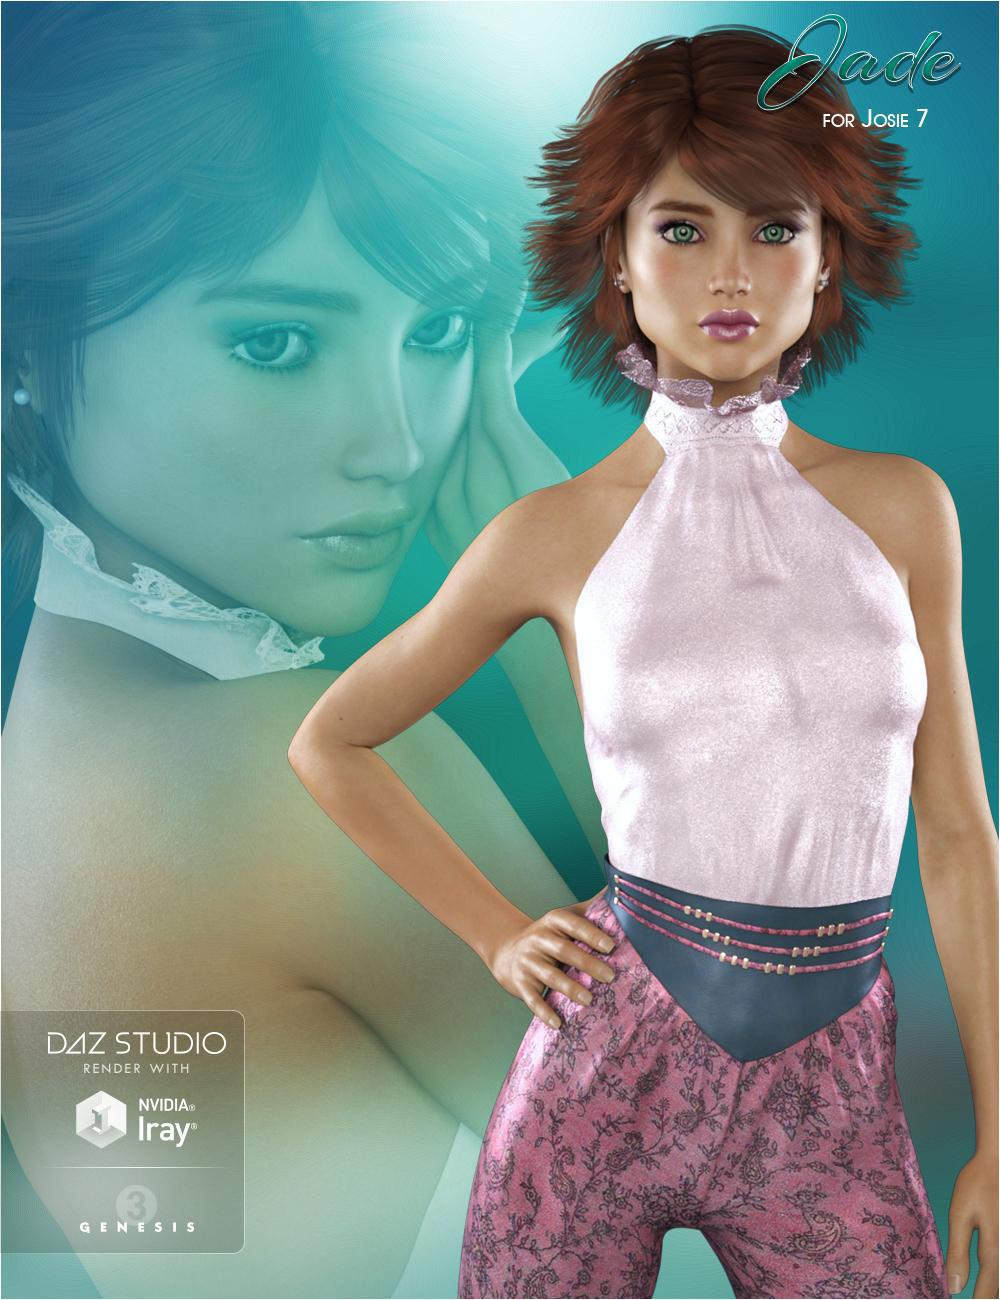 FWSA Jade HD for Teen Josie 7 by: Fred Winkler ArtSabby, 3D Models by Daz 3D